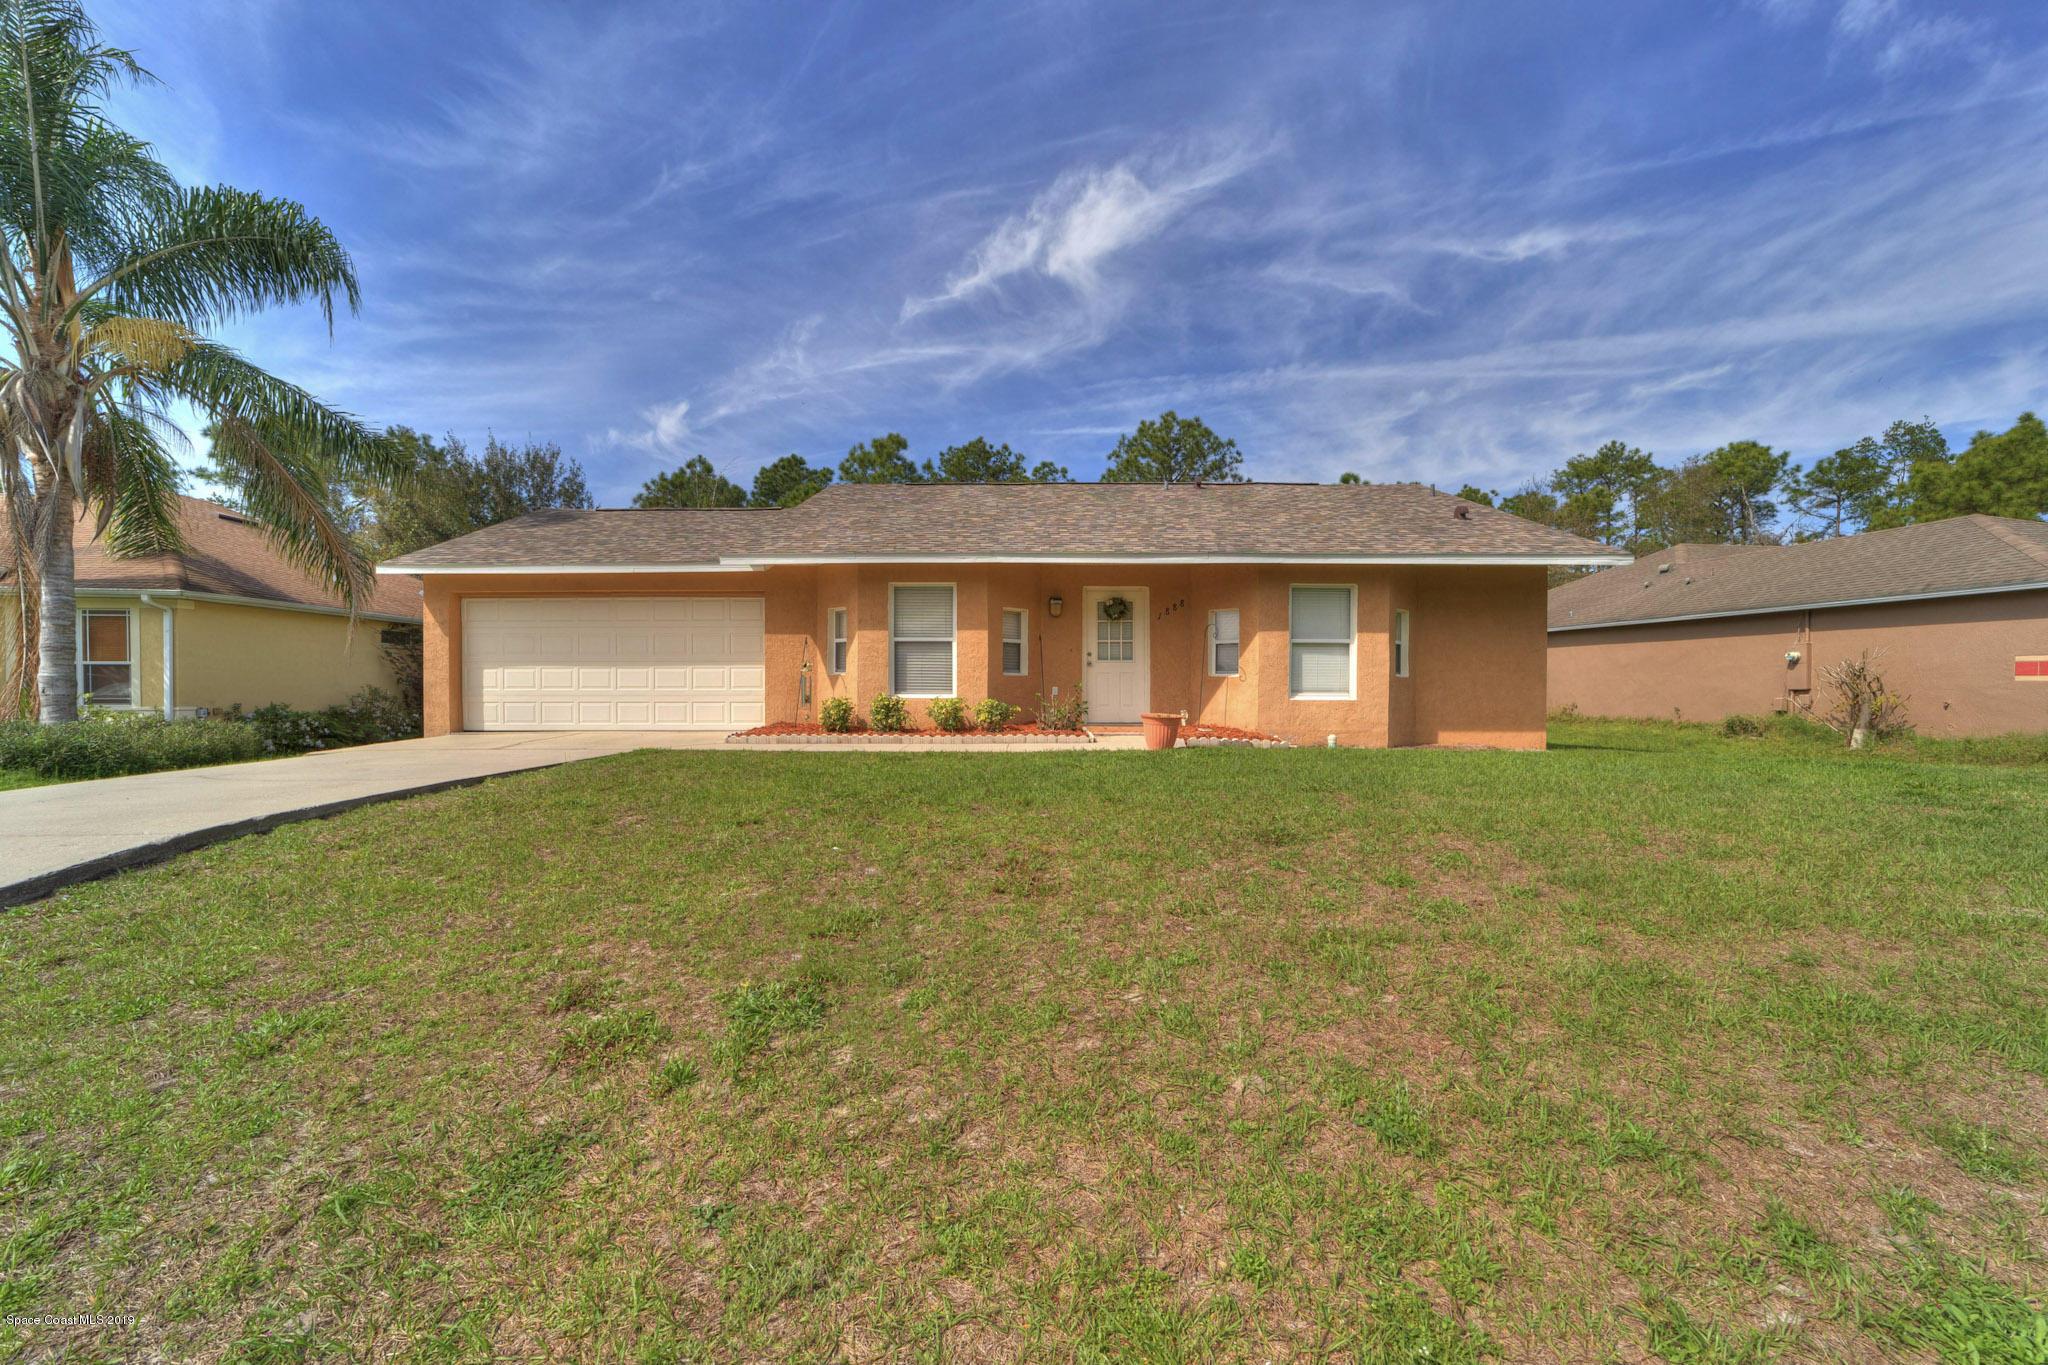 独户住宅 为 销售 在 1888 Villa 1888 Villa Deltona, 佛罗里达州 32738 美国